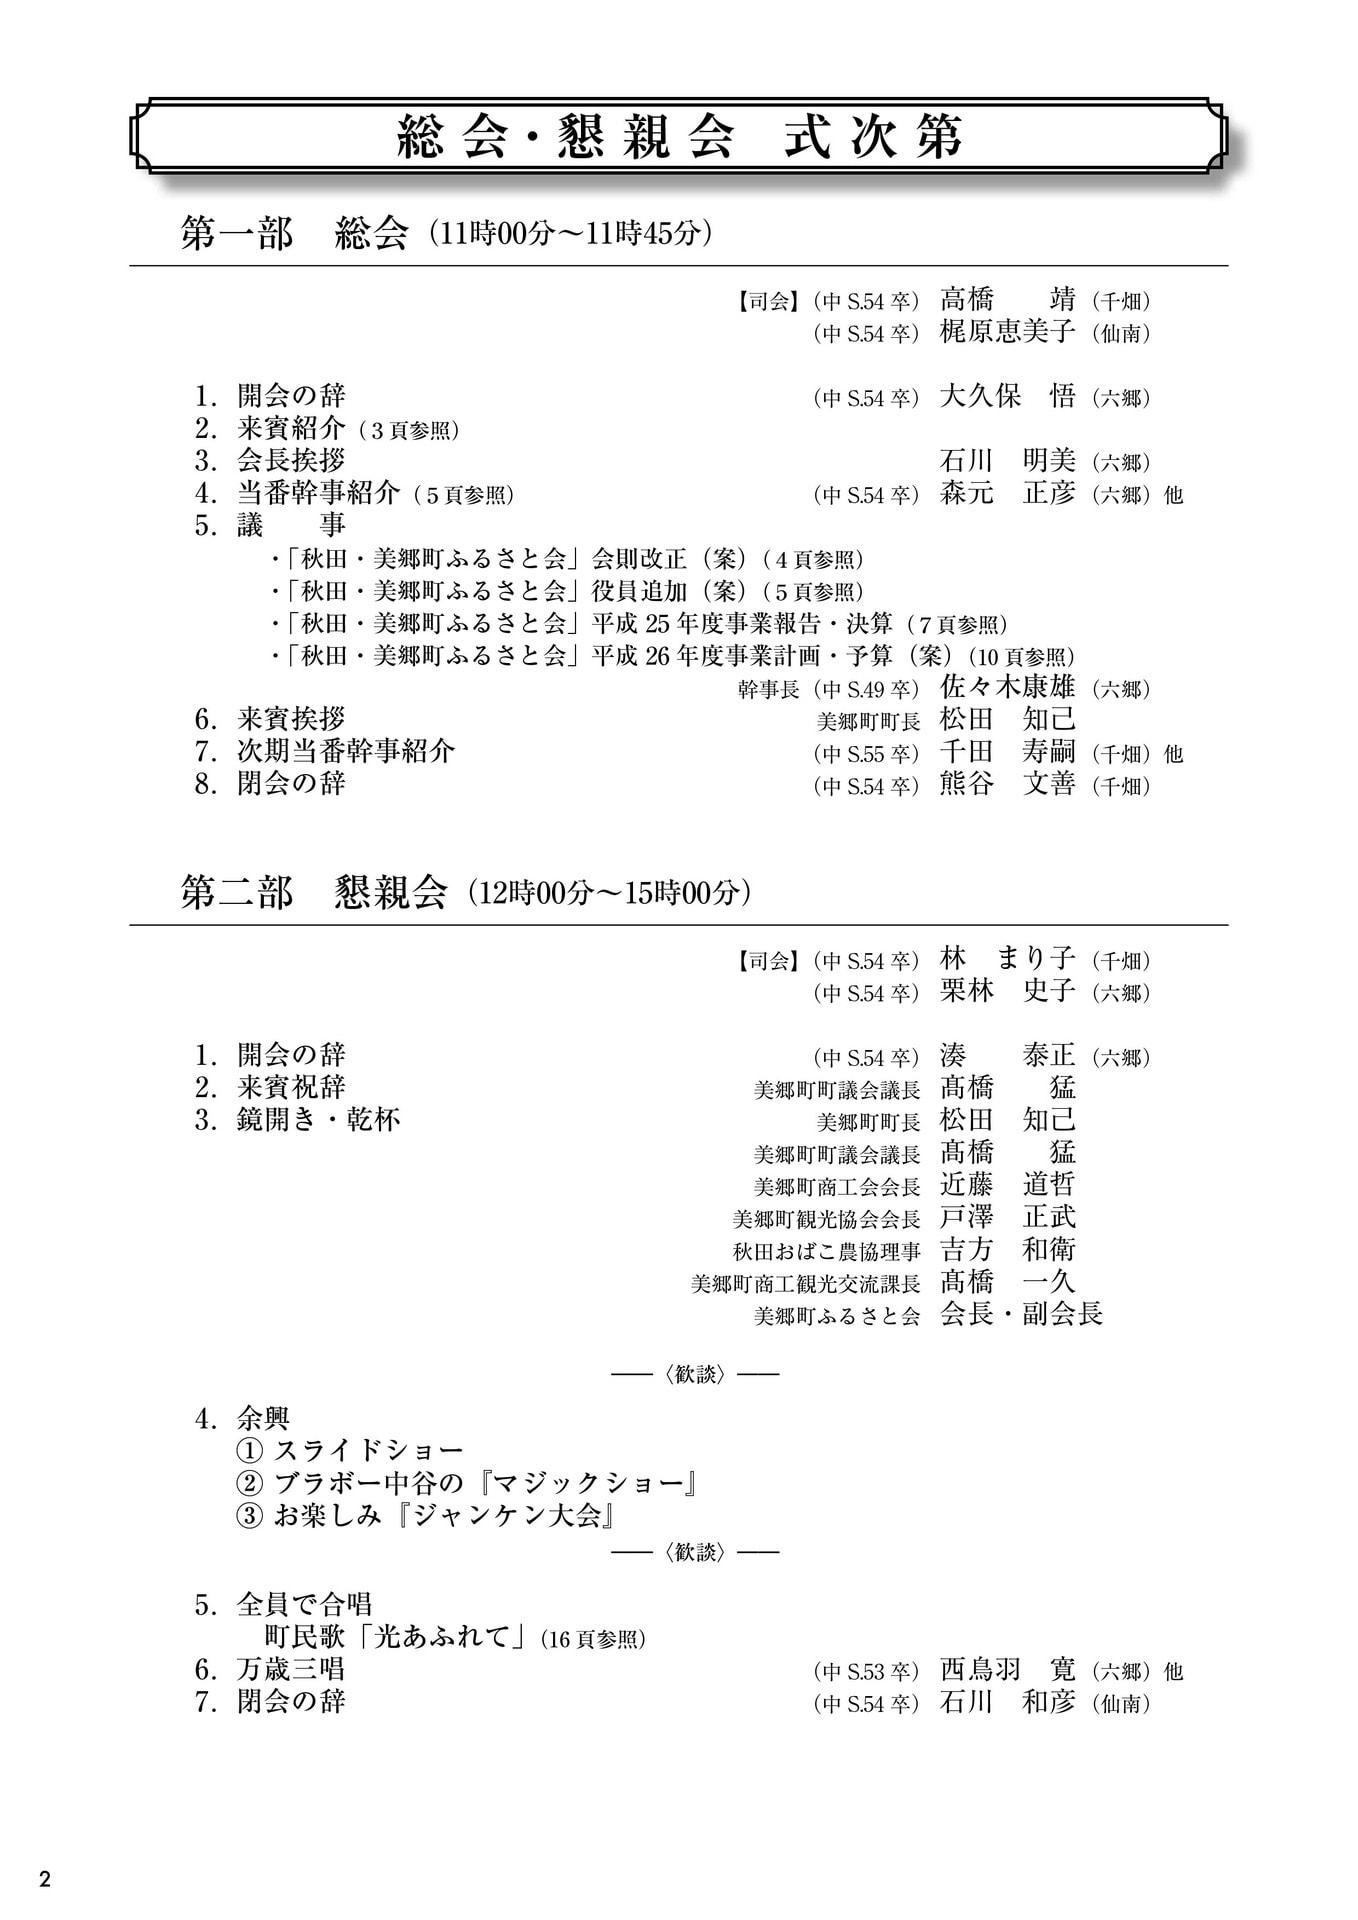 第2回秋田・美郷町ふるさと会パンフレット(式次第)